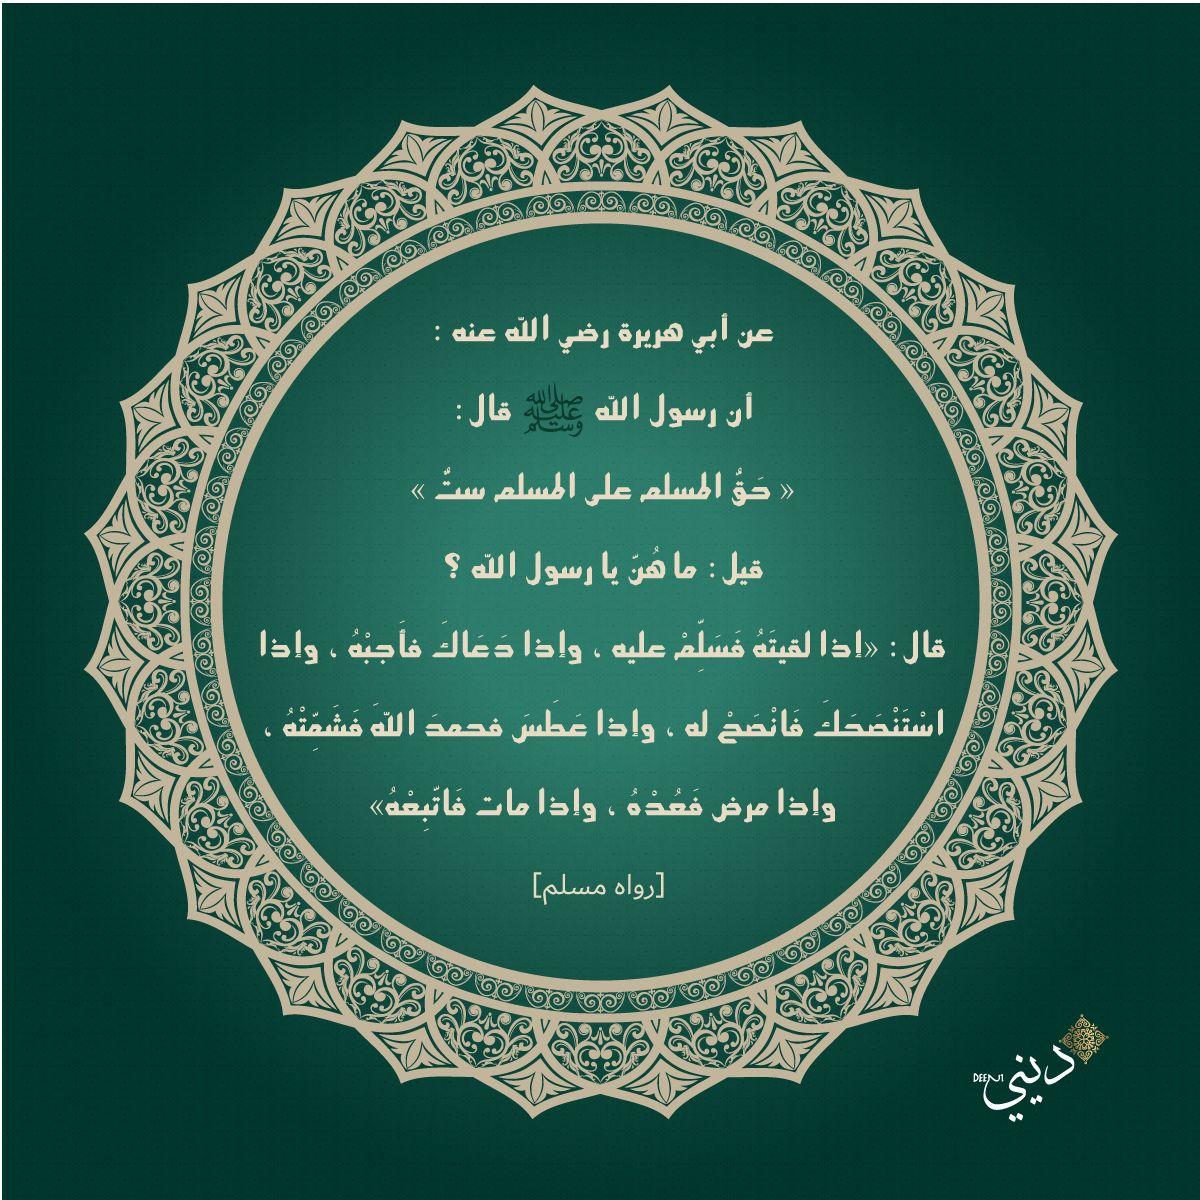 حديث نبوي عن حق المسلم على المسلم Celestial Jouy Hadeeth